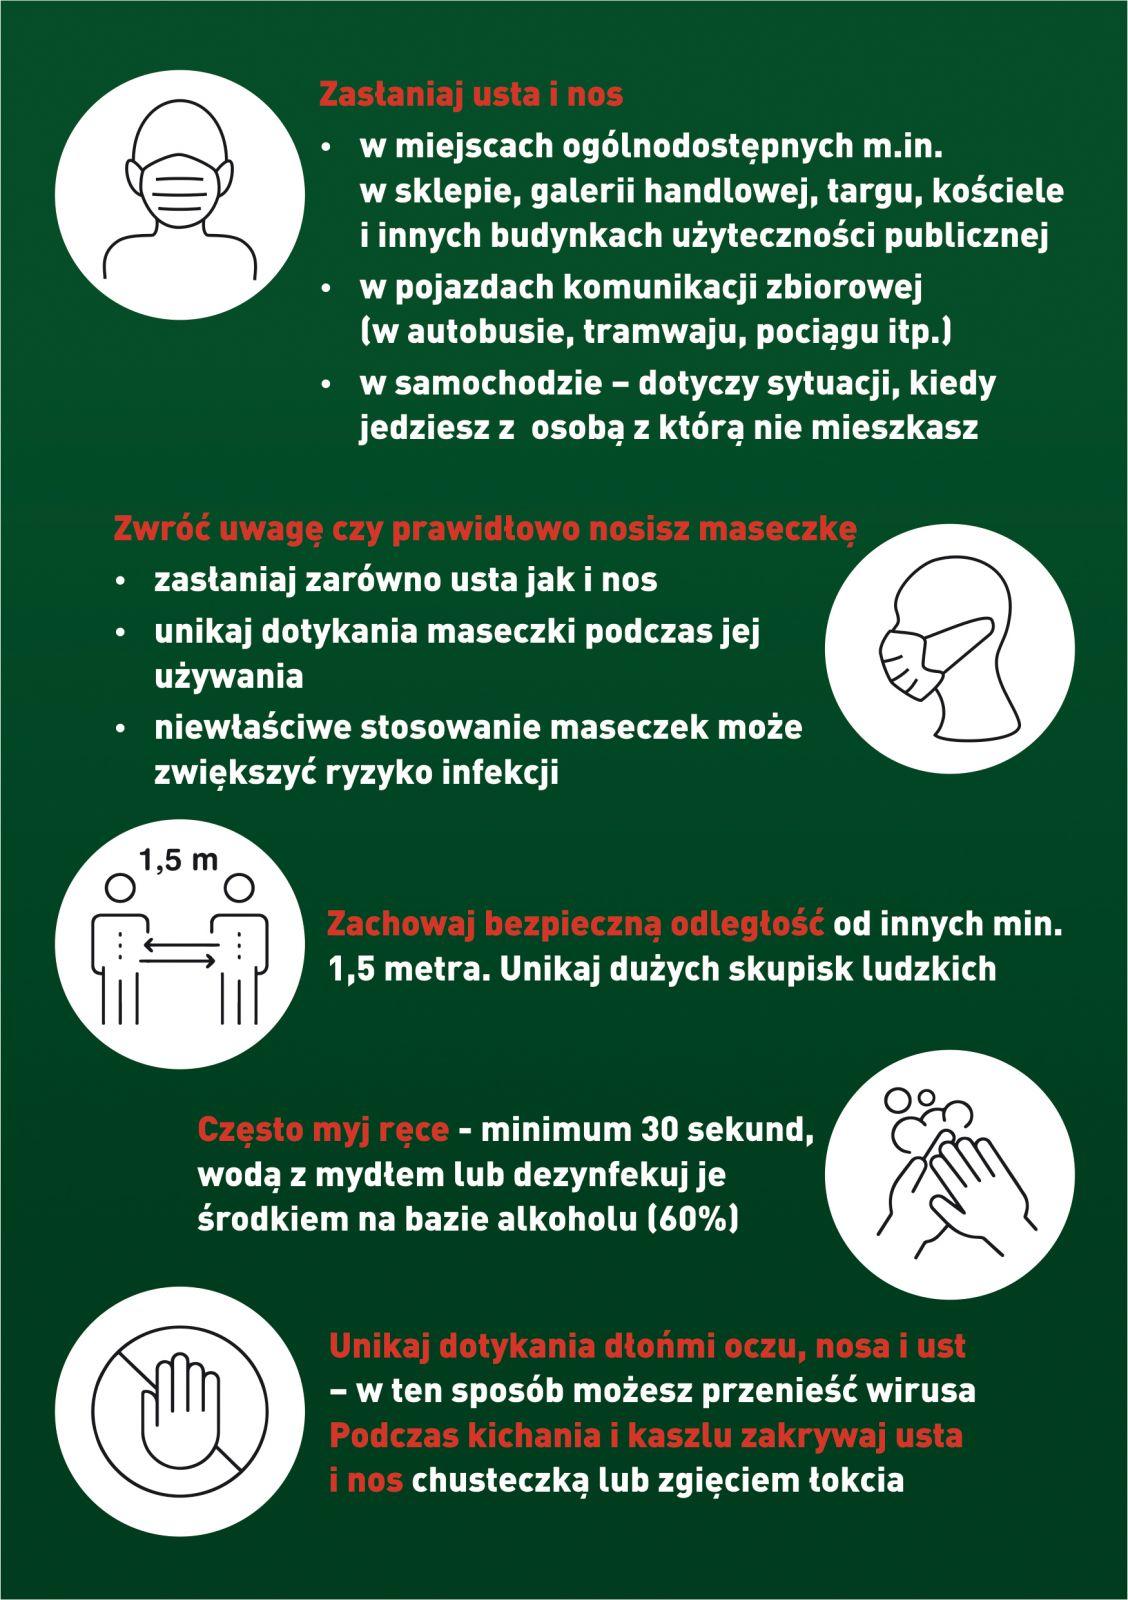 Druga strona ulotki pod hasłem Koronawirus. Przestrzegaj podstawowych zasad bezpieczeństwa i higieny